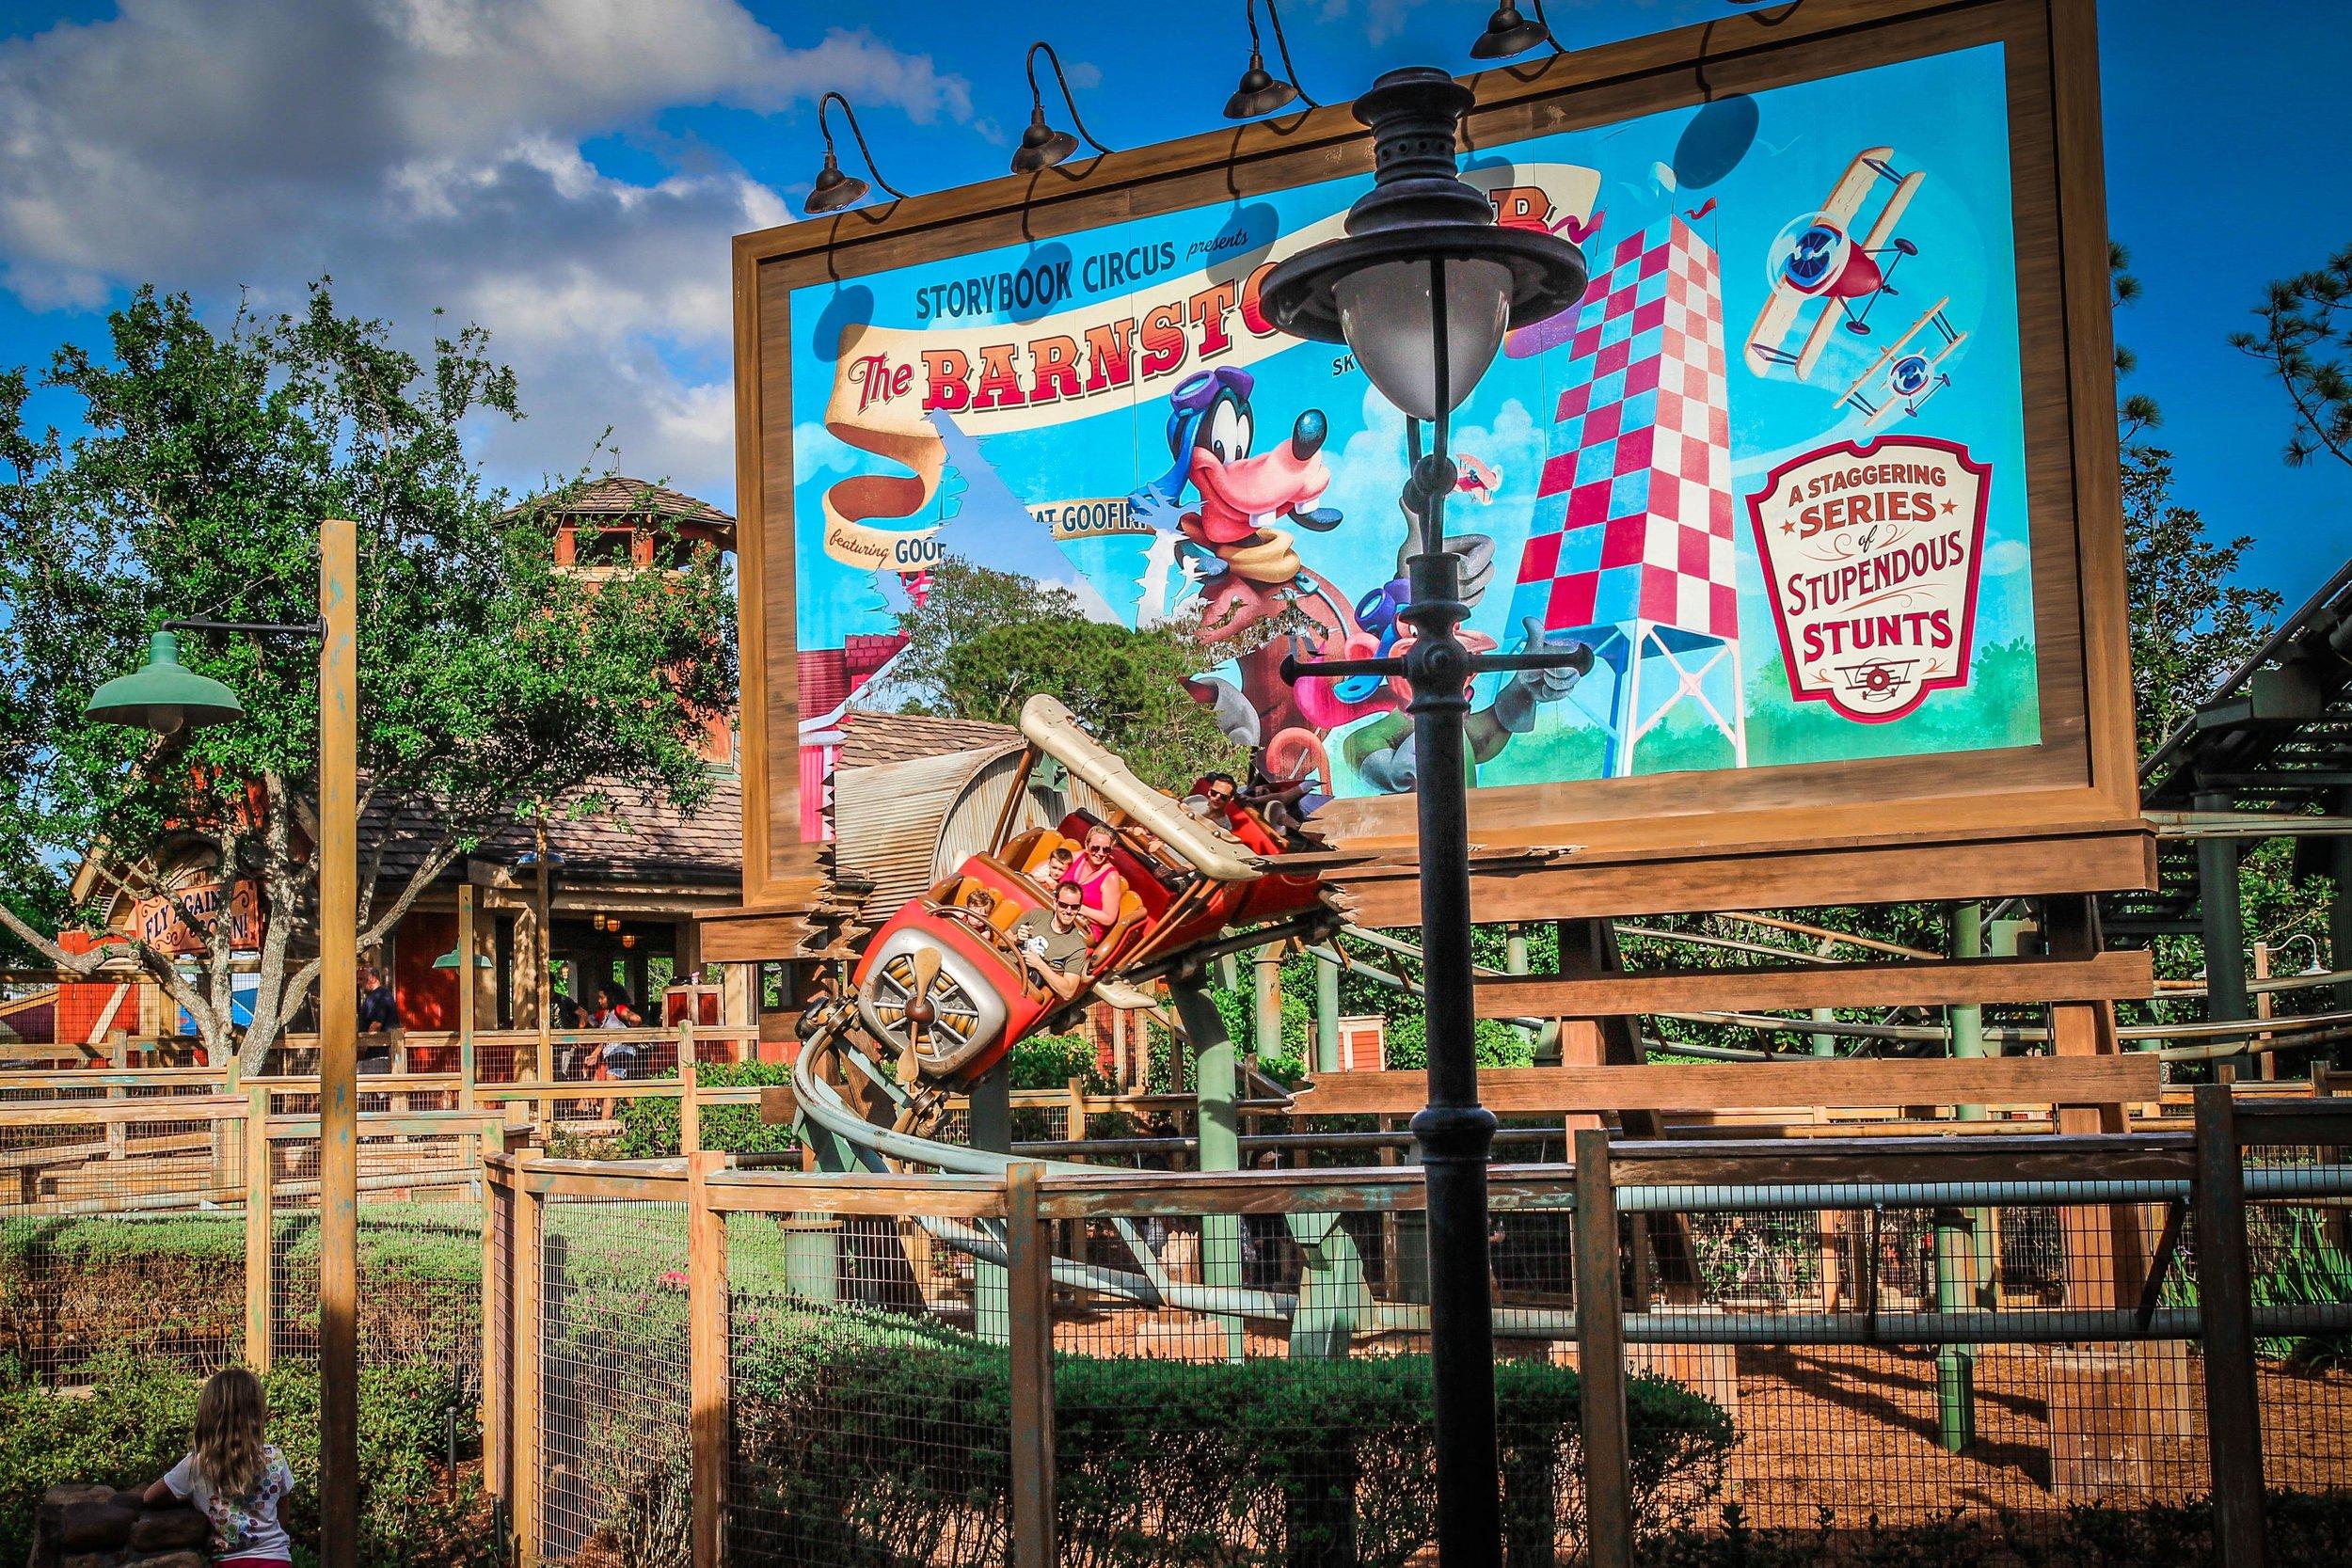 Disney_magical_kingdom_orlando_reizen_met_kinderen-43.jpg